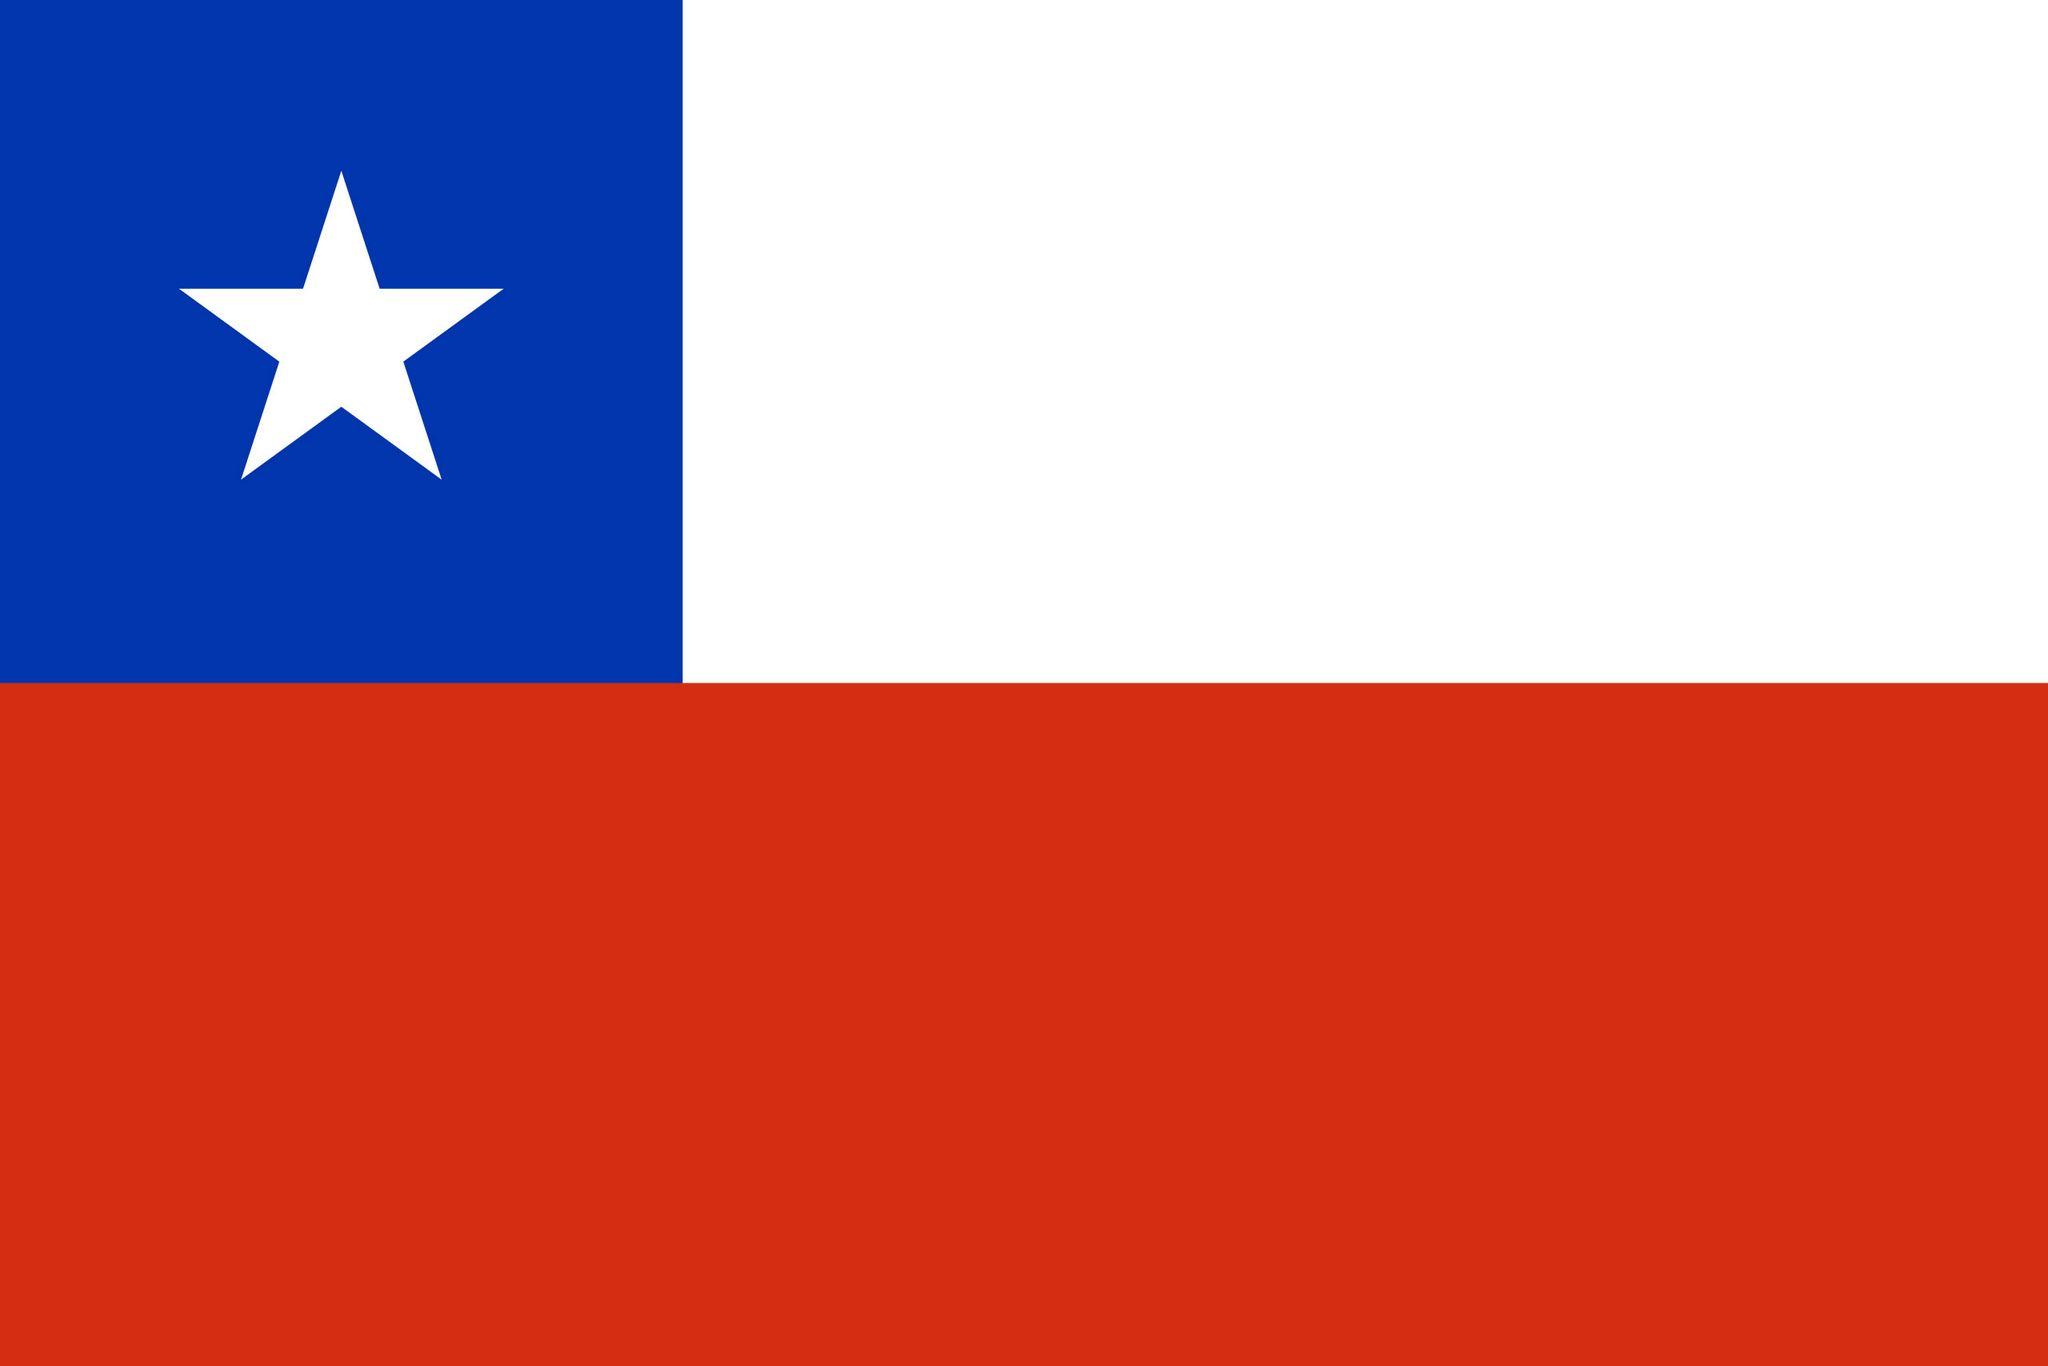 Top Drapeau du Chili, Drapeaux du pays Chili RD32